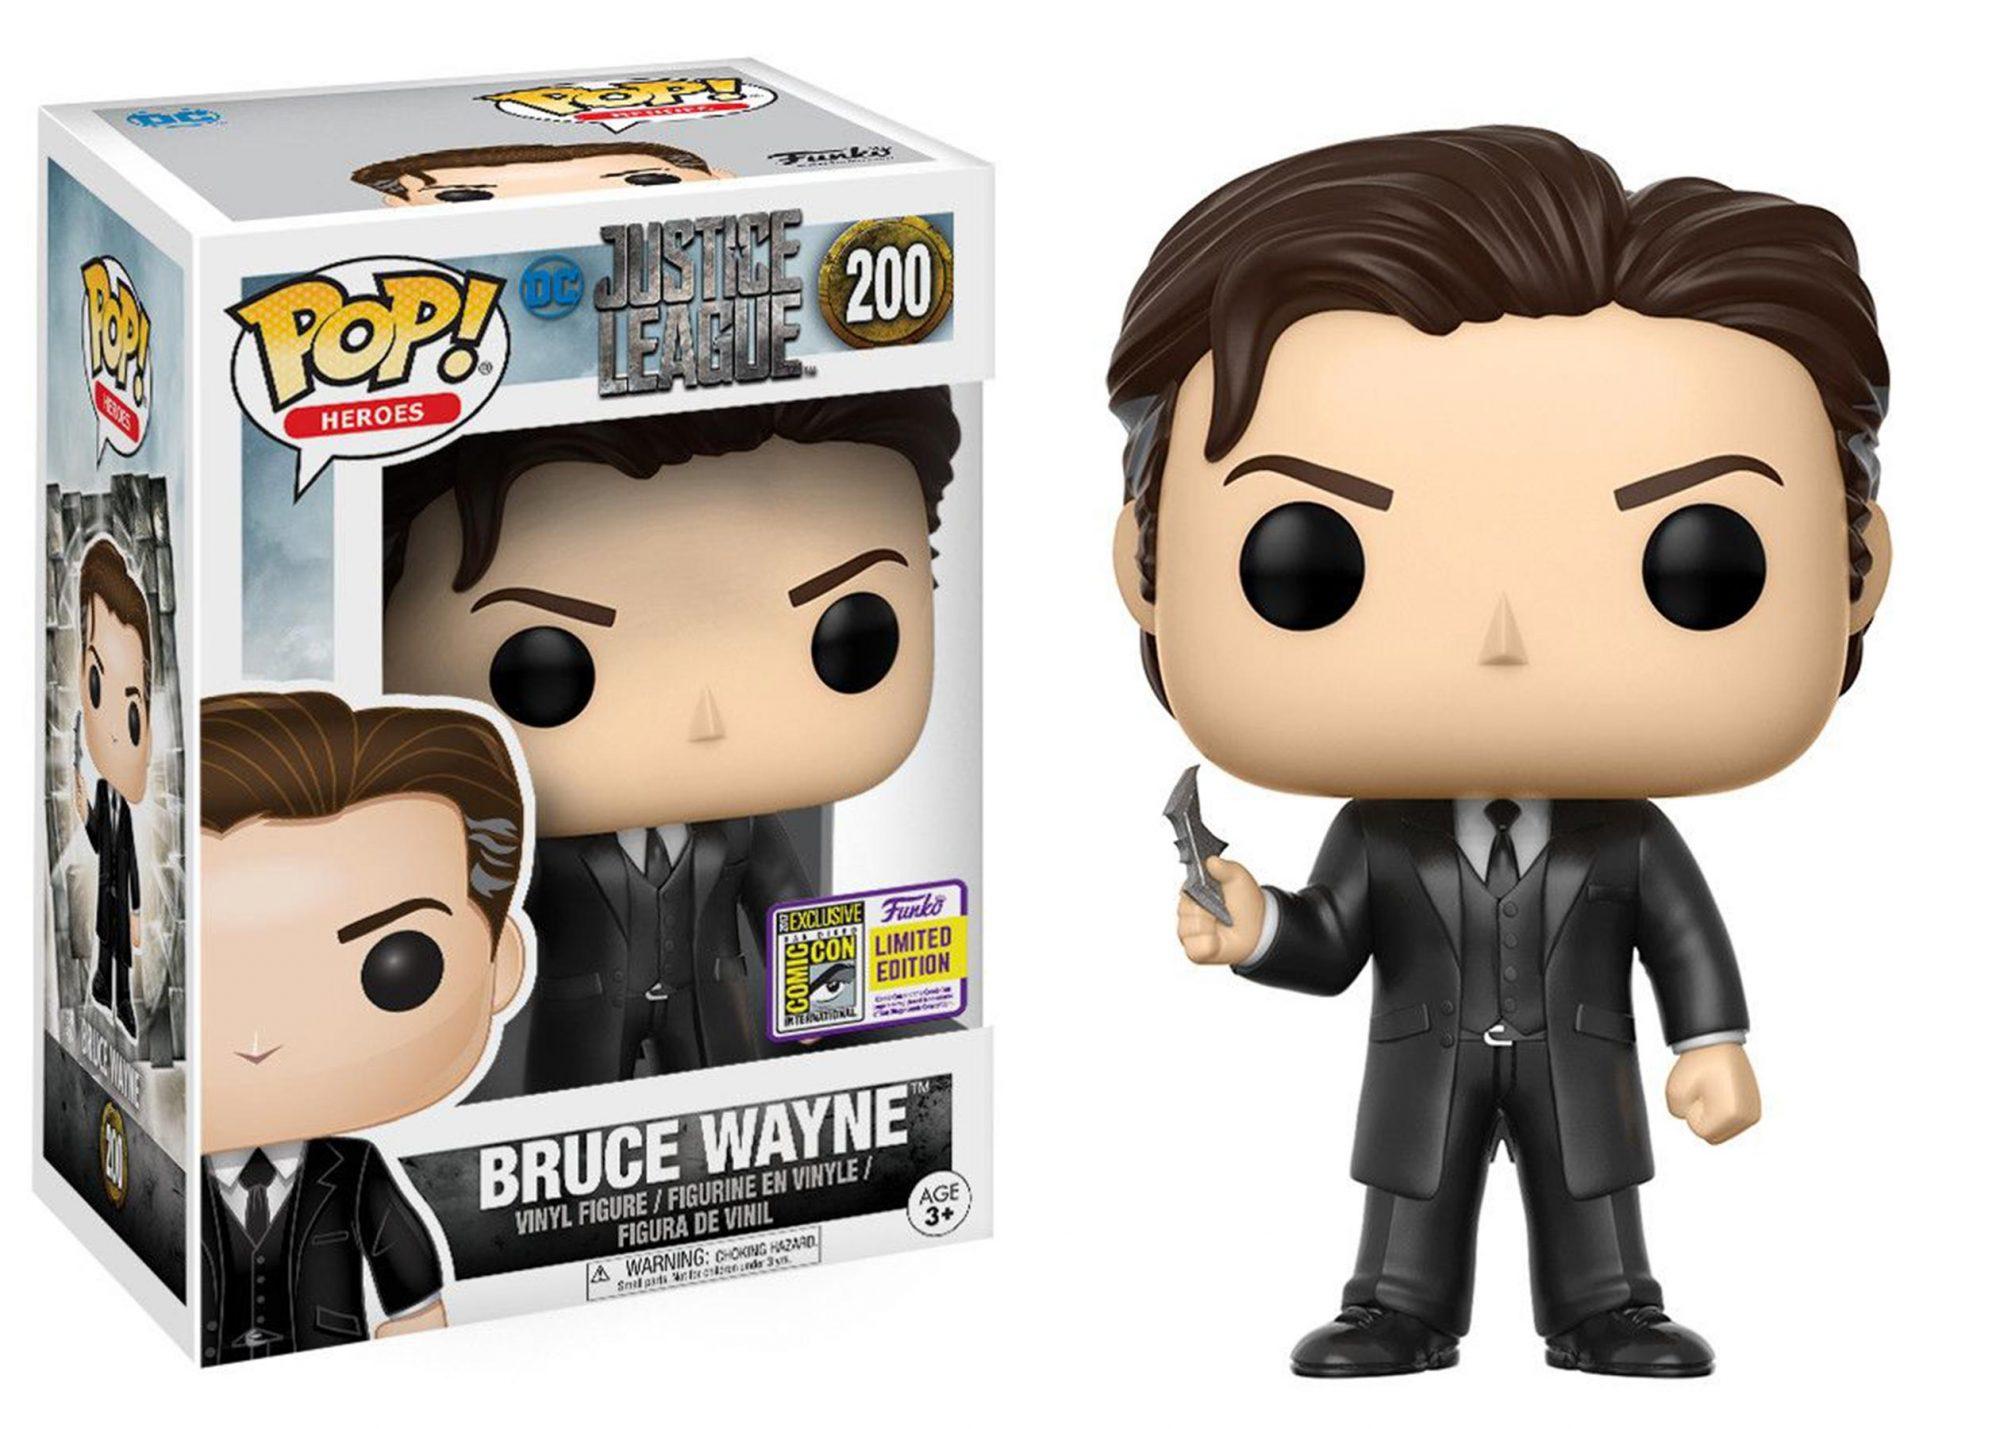 justice league bruce wayne